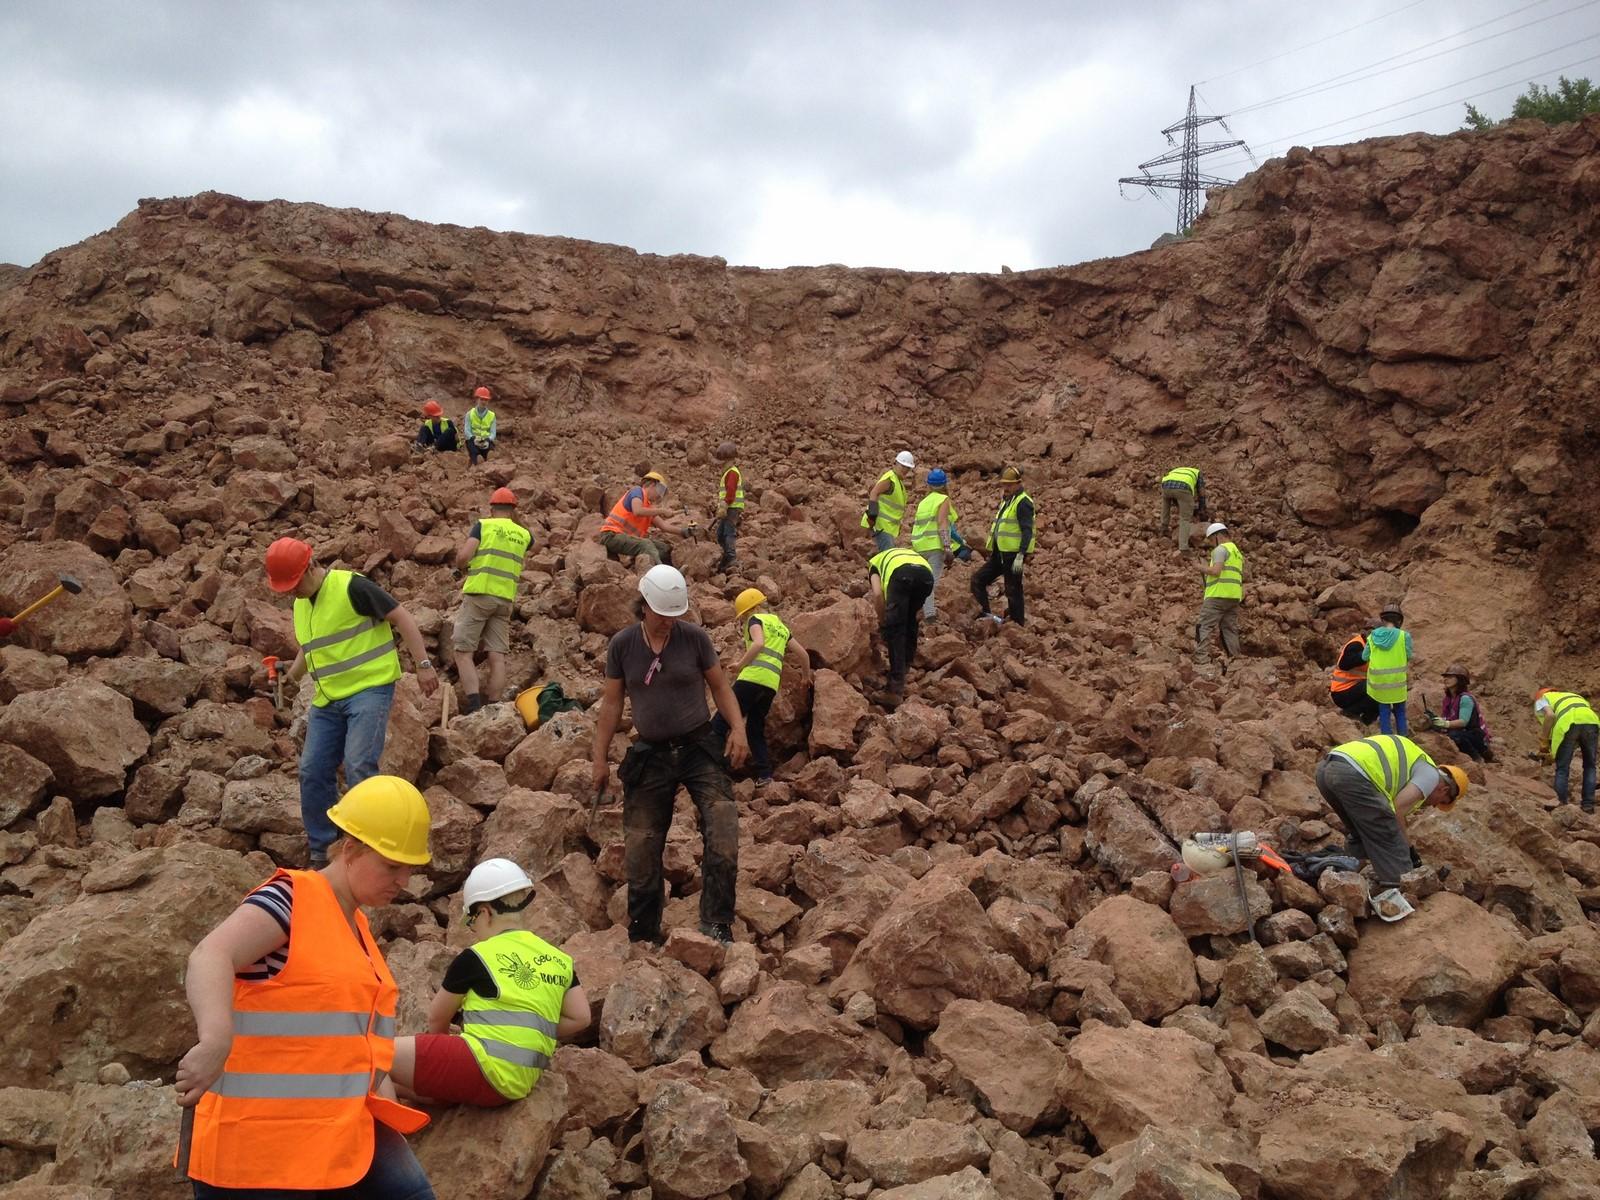 Op zoek naar mineralen op de verse rotshopen